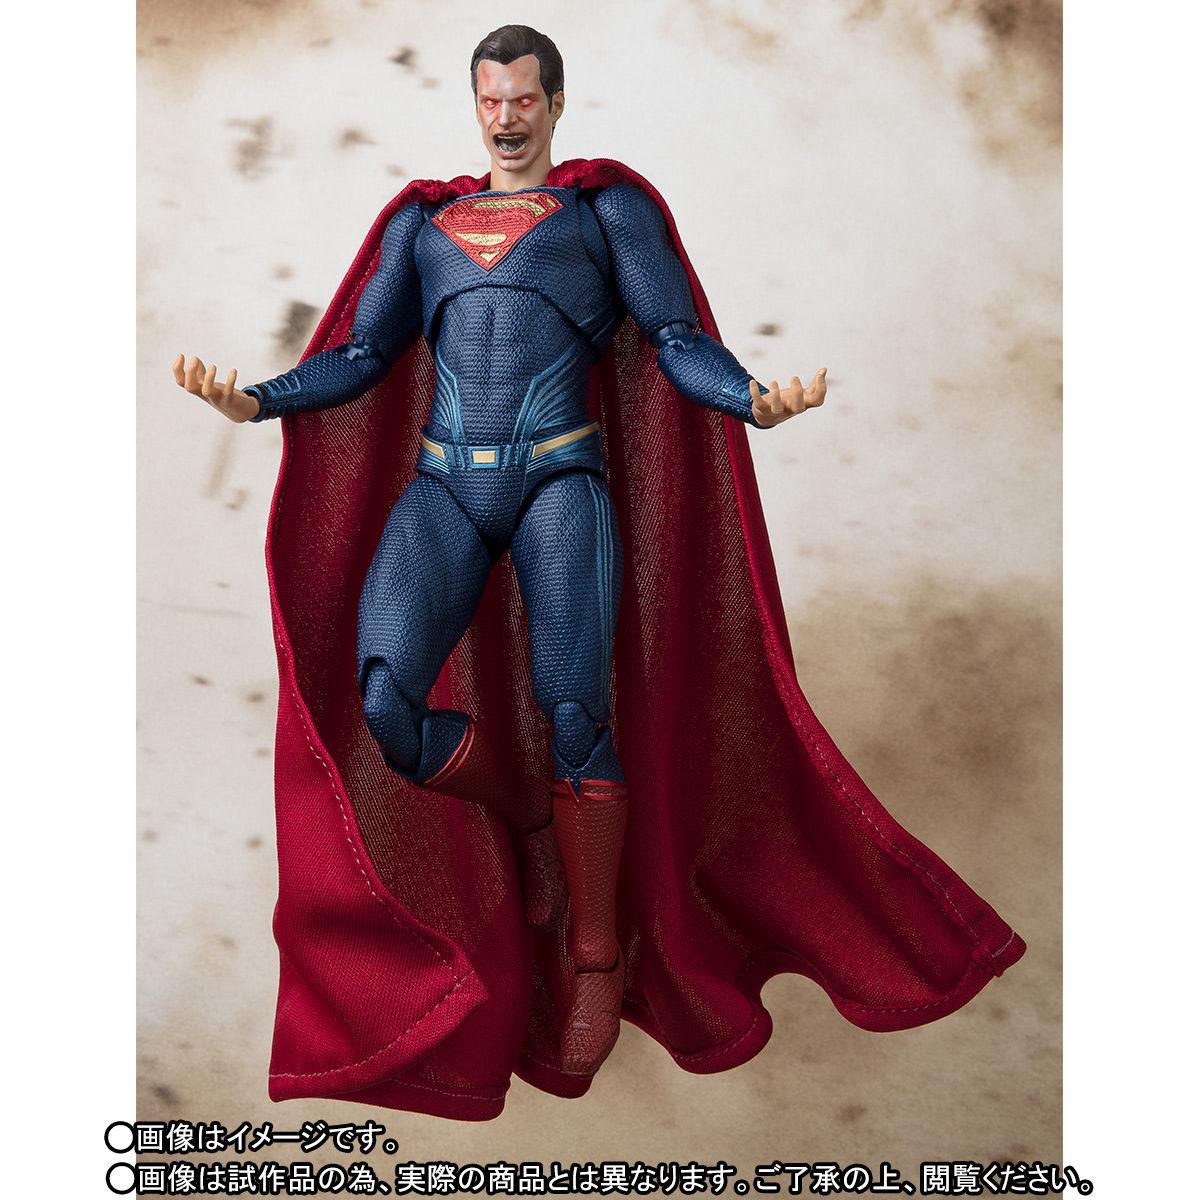 SH-Figuarts-JL-Superman-007